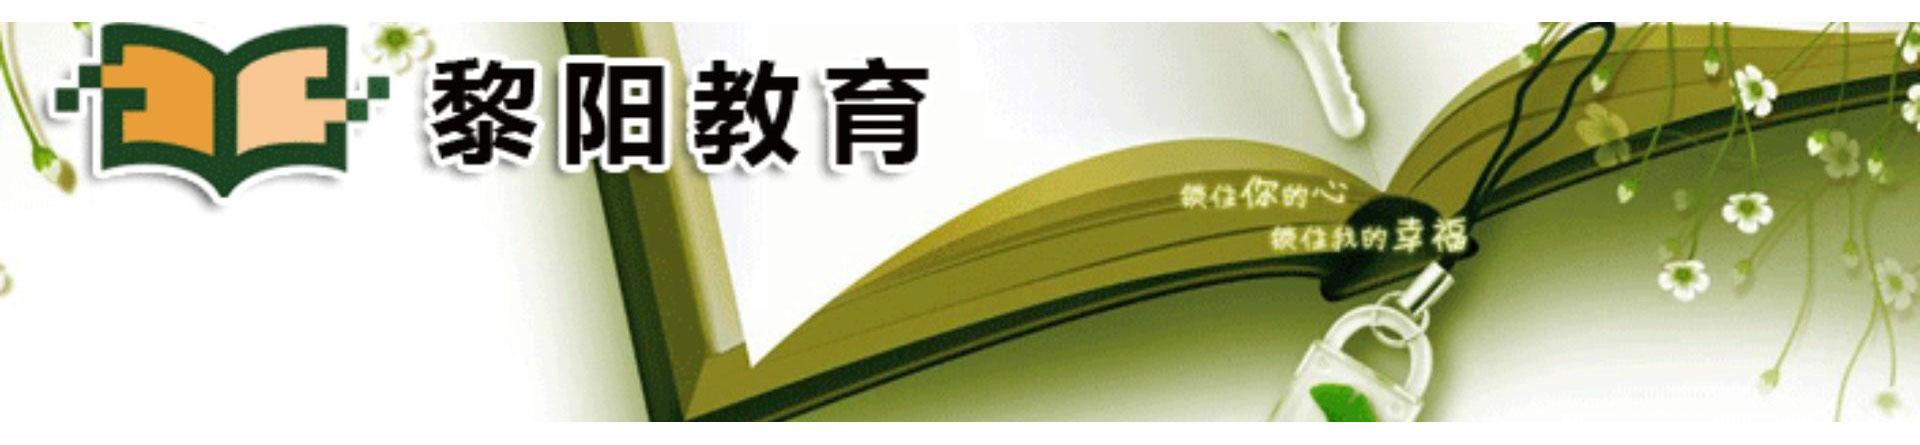 河南黎阳教育